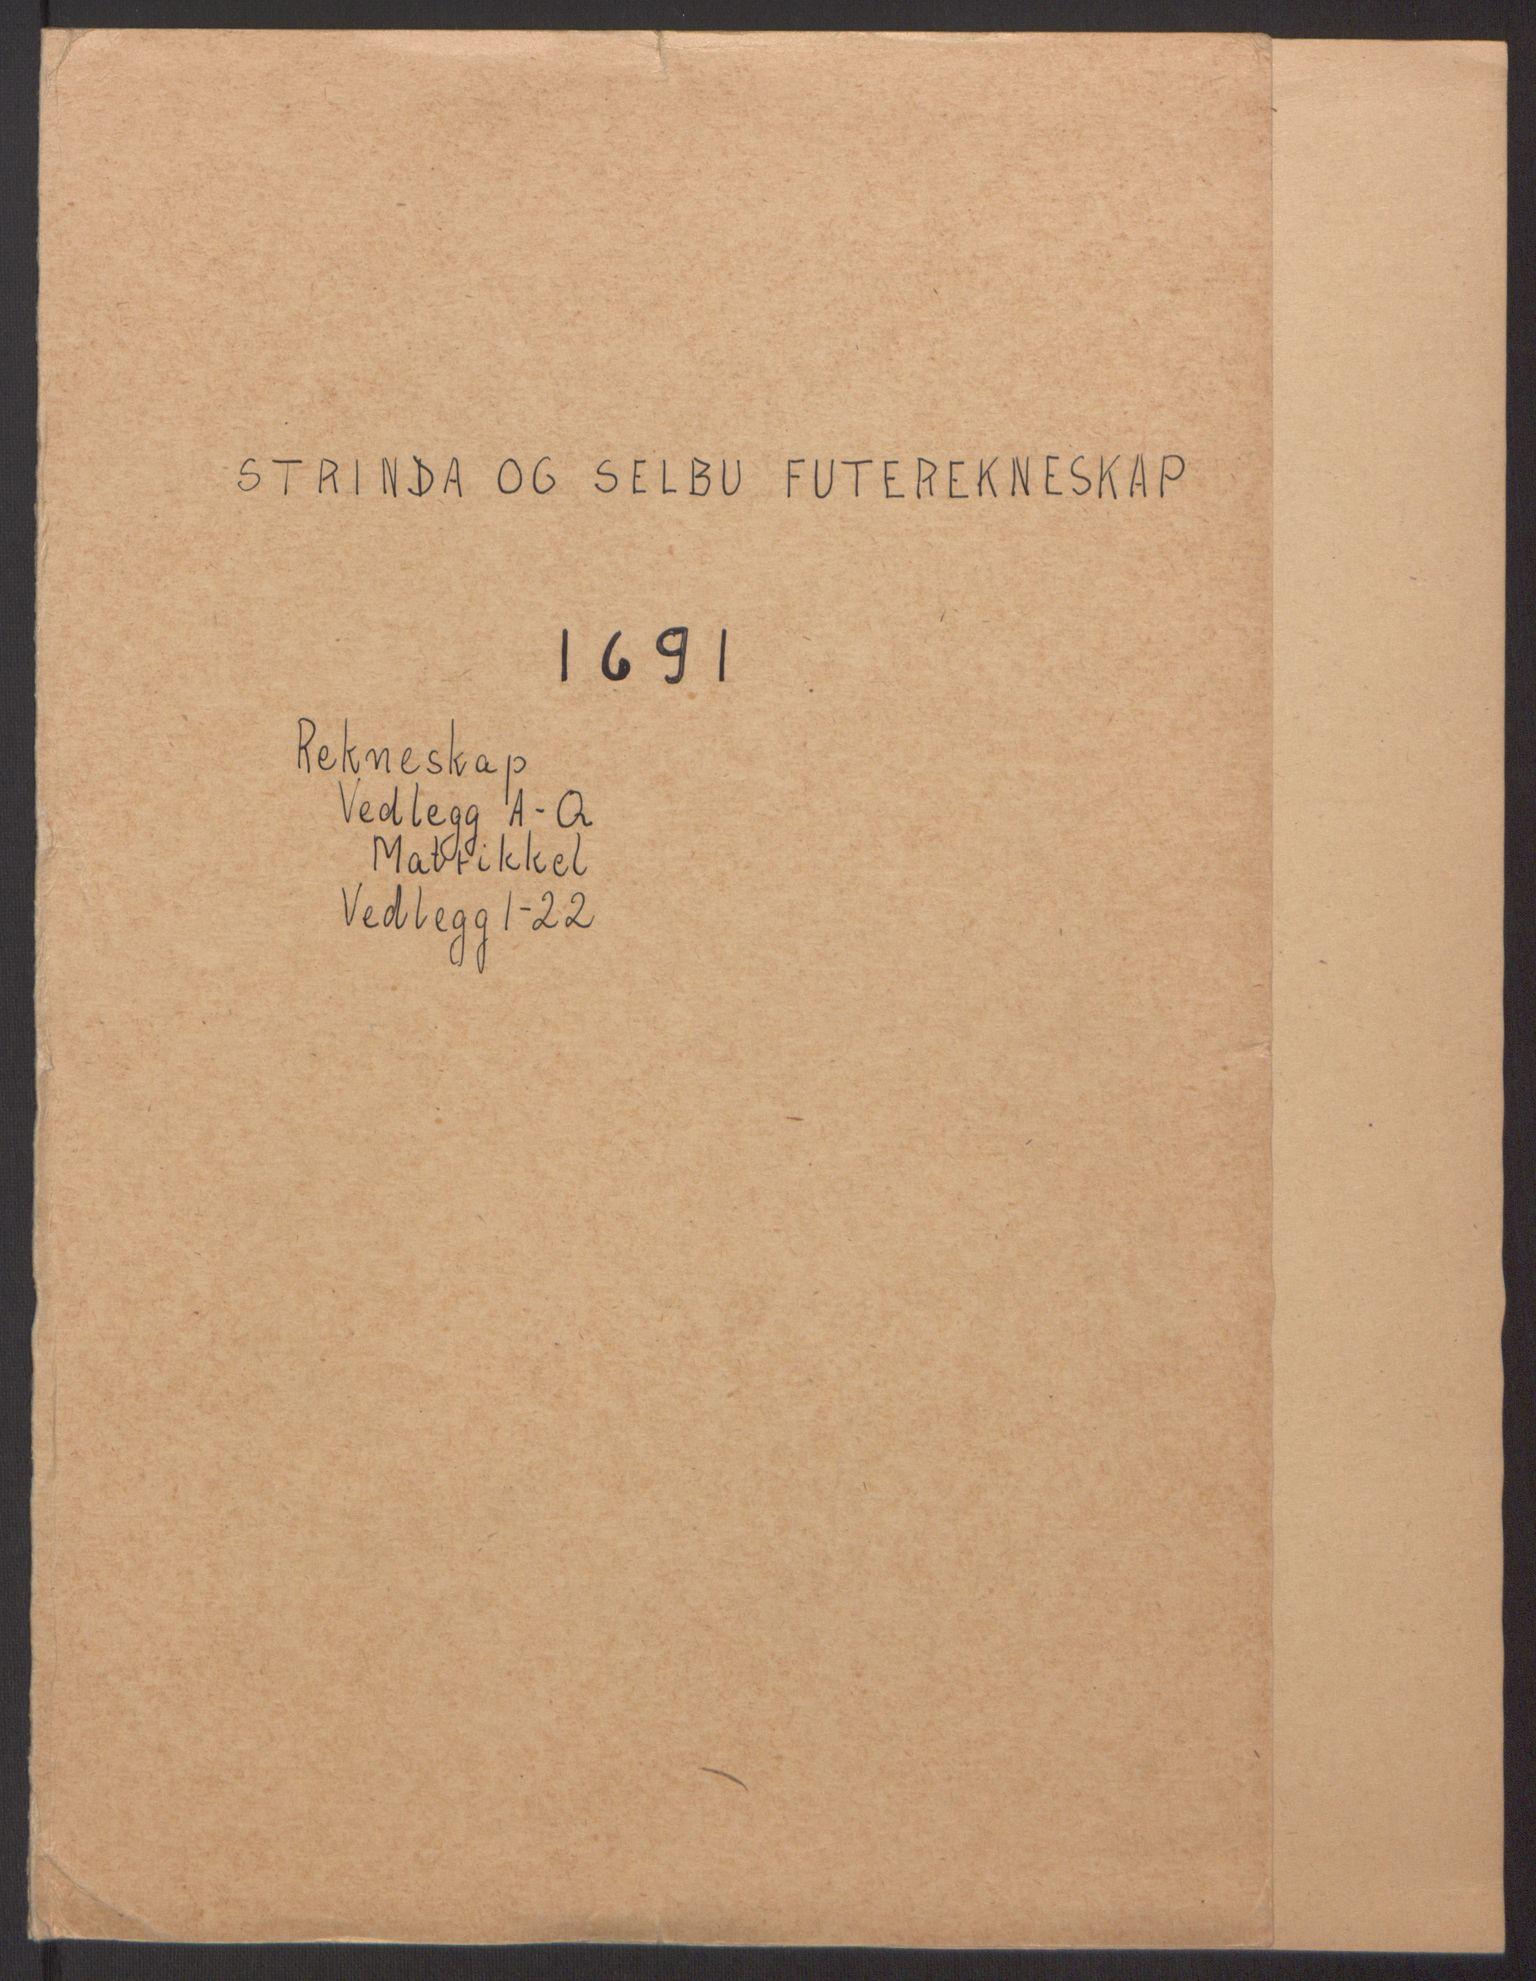 RA, Rentekammeret inntil 1814, Reviderte regnskaper, Fogderegnskap, R61/L4103: Fogderegnskap Strinda og Selbu, 1691-1692, s. 2